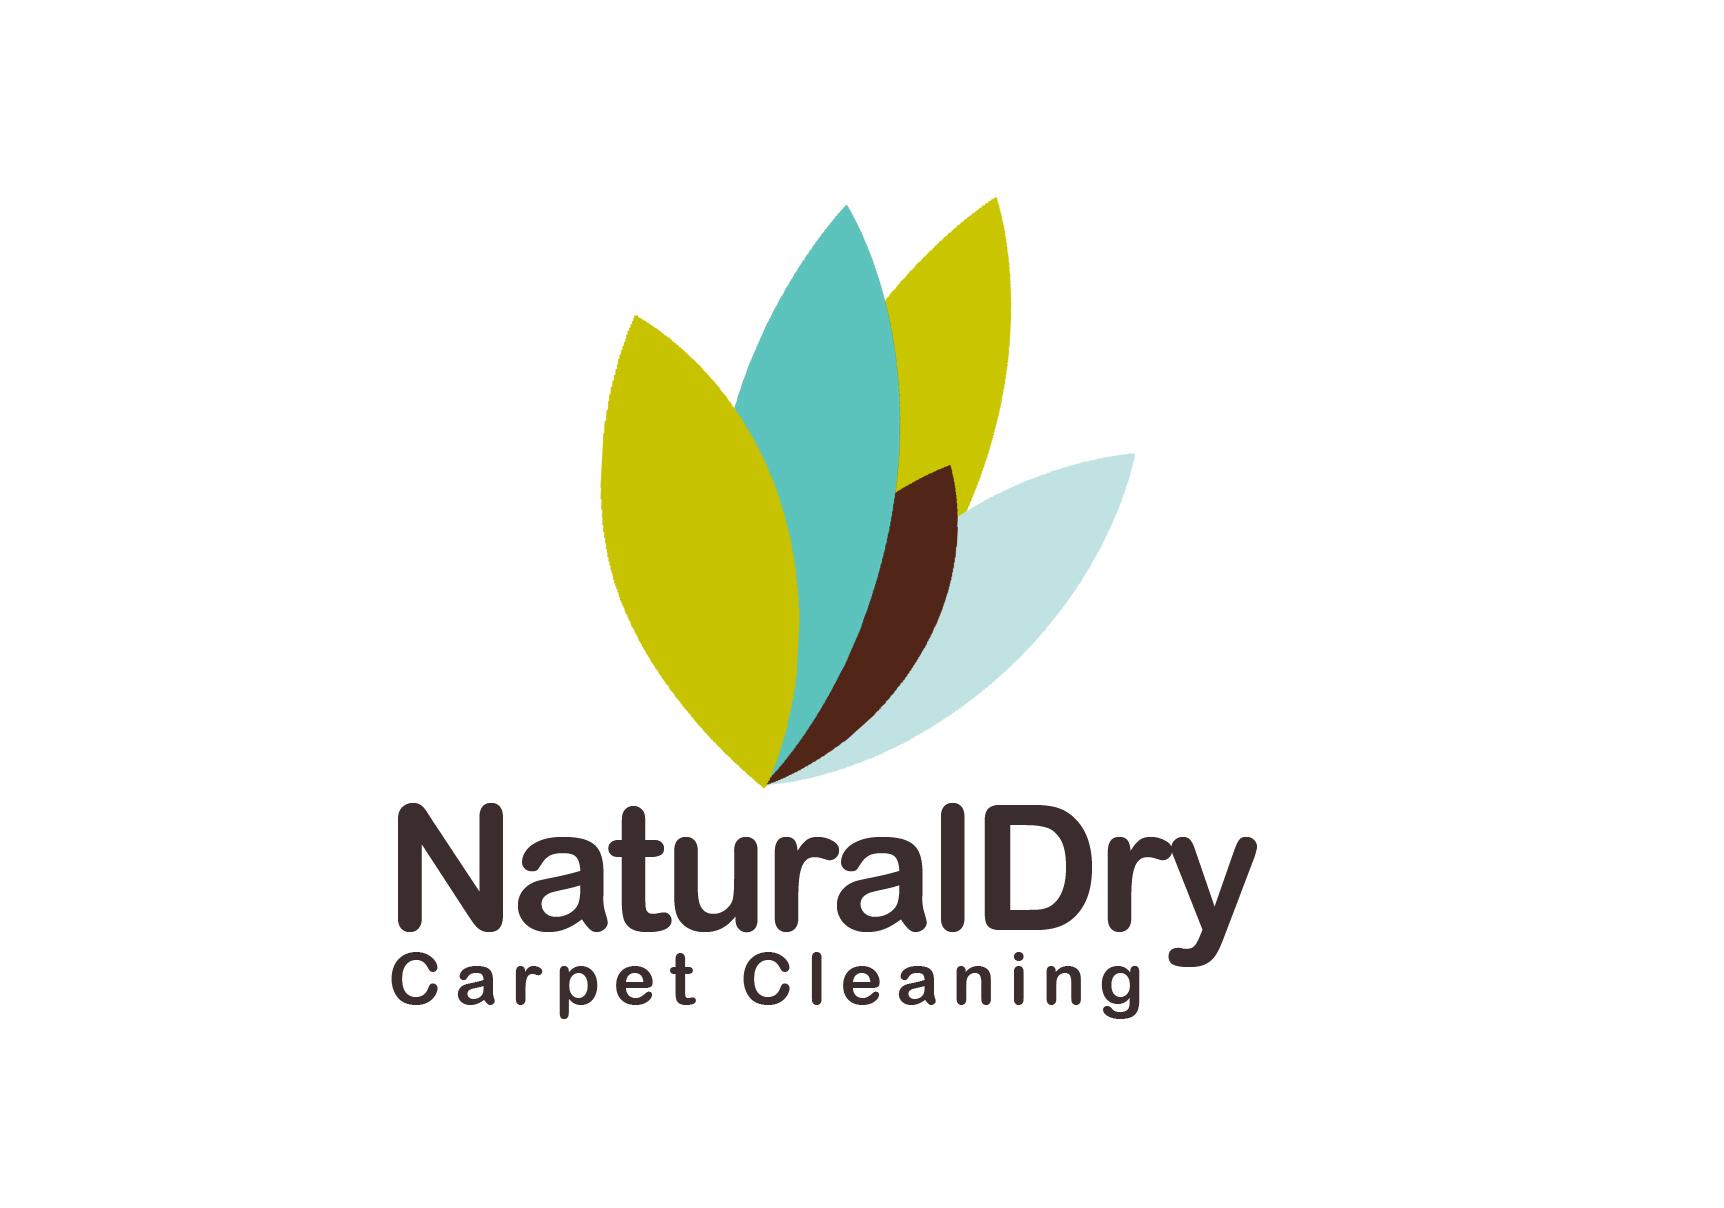 Naturaldry Carpet Cleaning Las Vegas Amp Henderson Announces